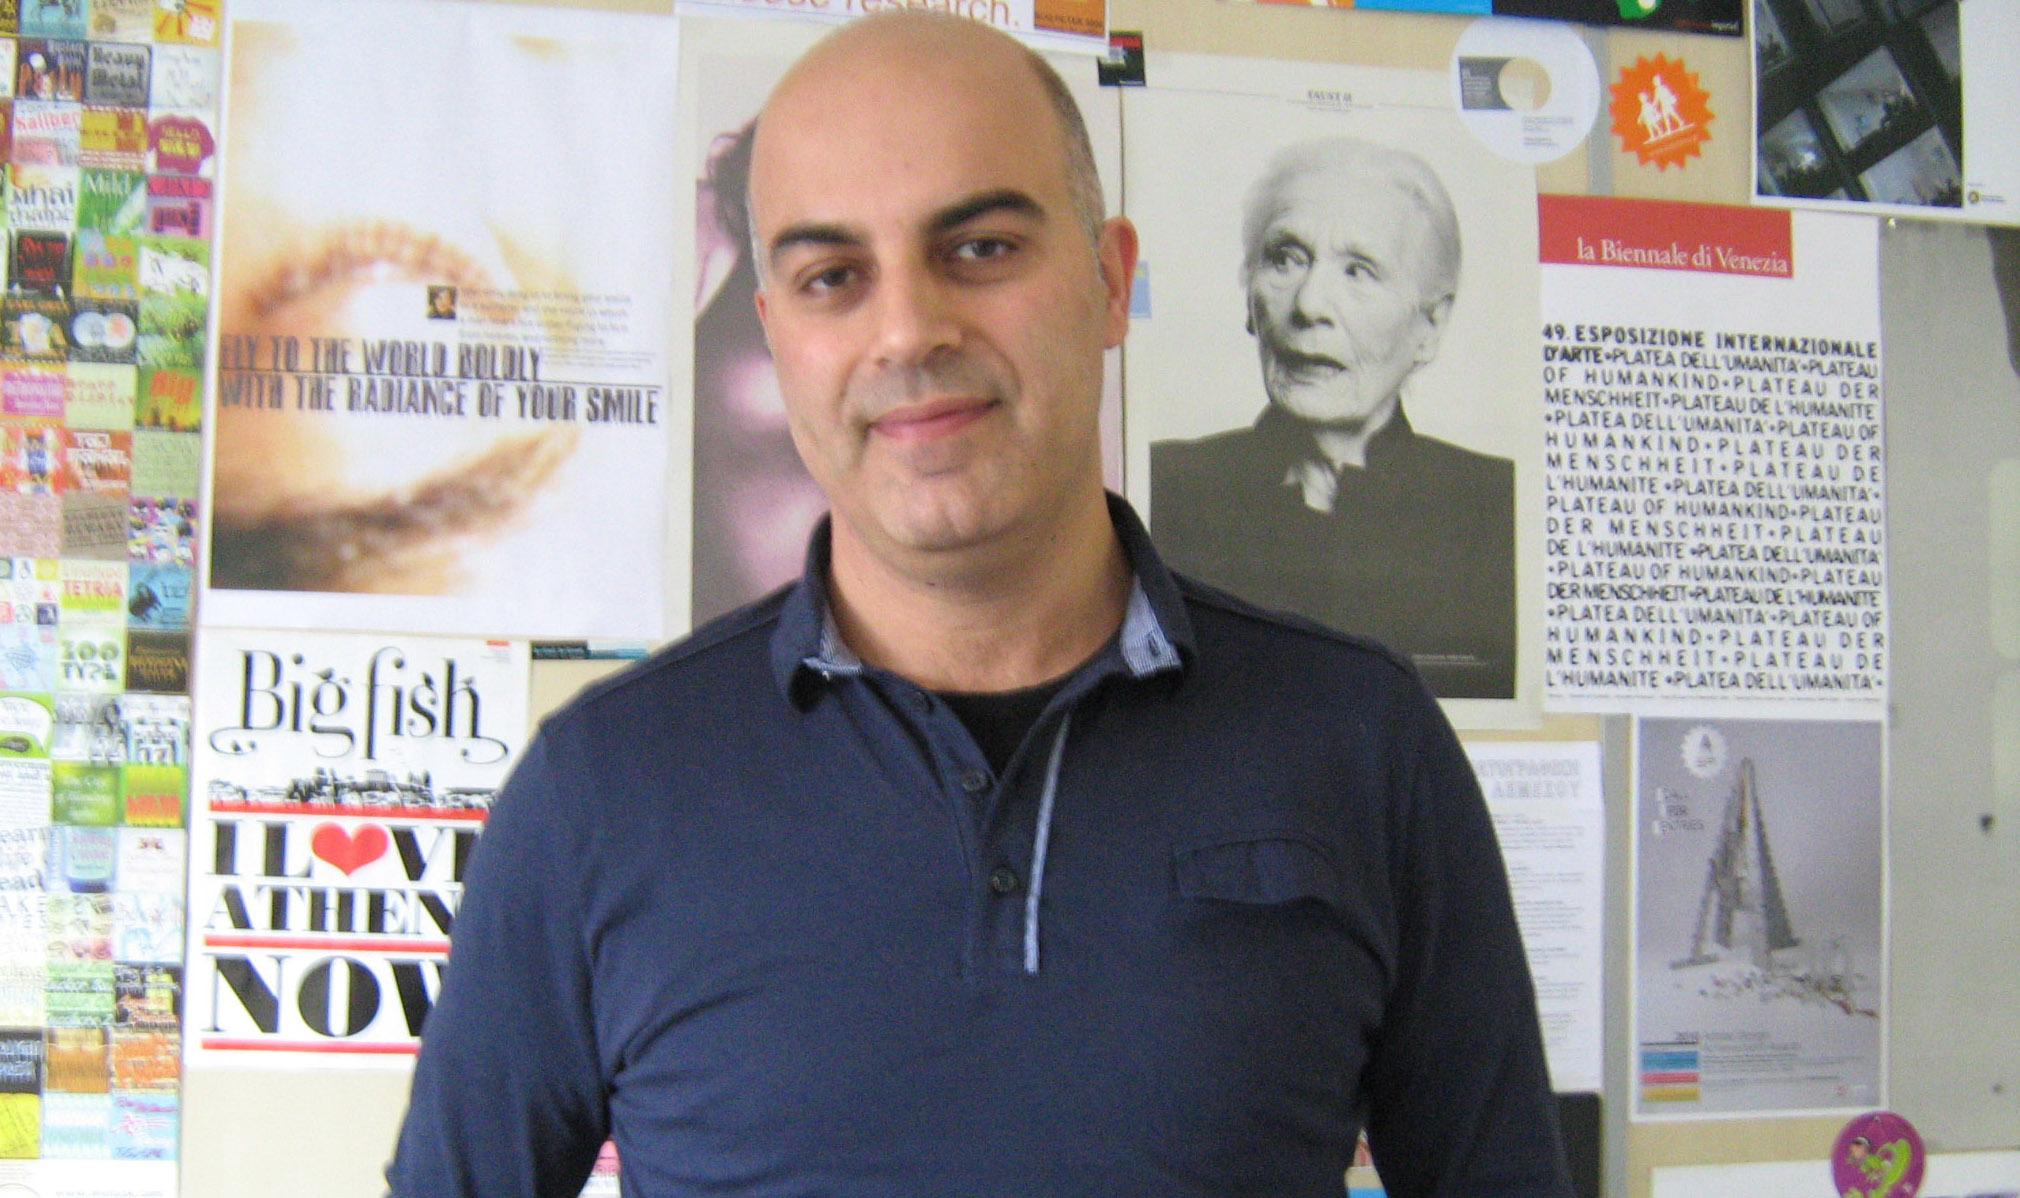 Ευριπίδης Ζαντίδης. Διάδοση της μελέτης και του σχεδιασμού της Οπτικής Επικοινωνία μέσα από τα σημεία.